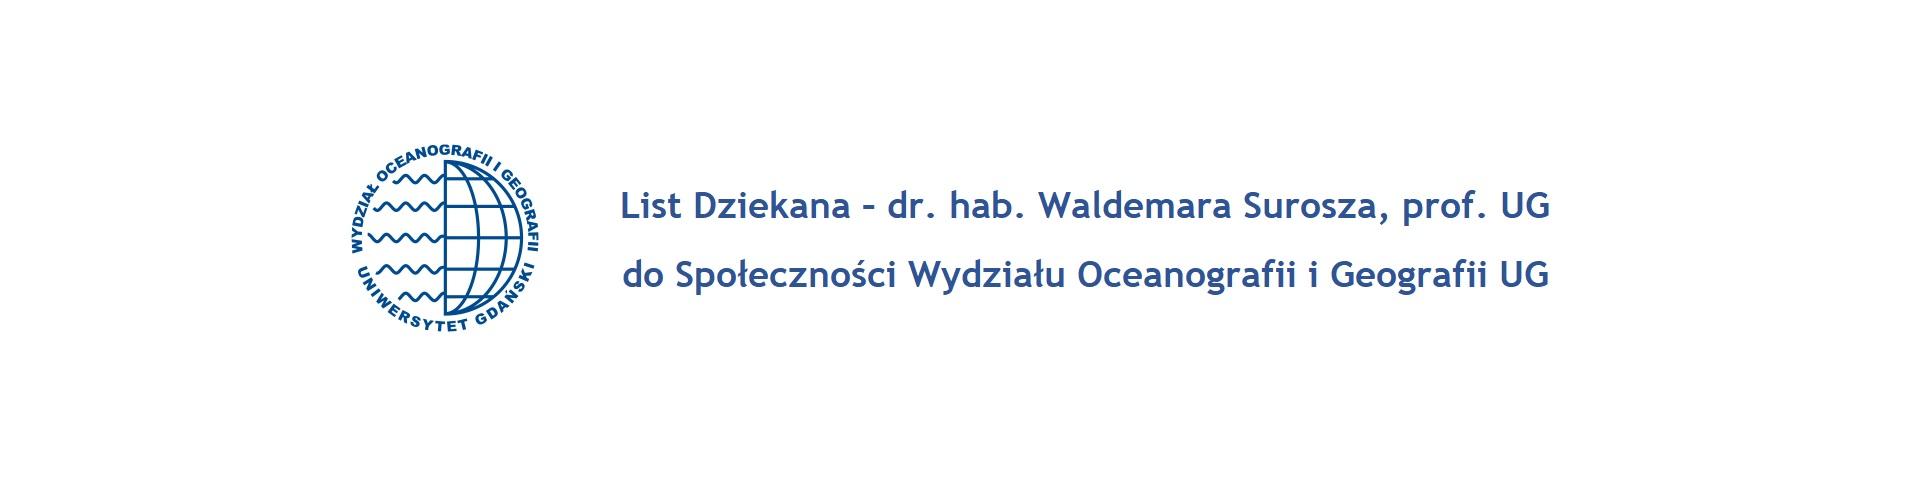 List Dziekana do Społeczności Wydziału Oceanografii i Geografii UG